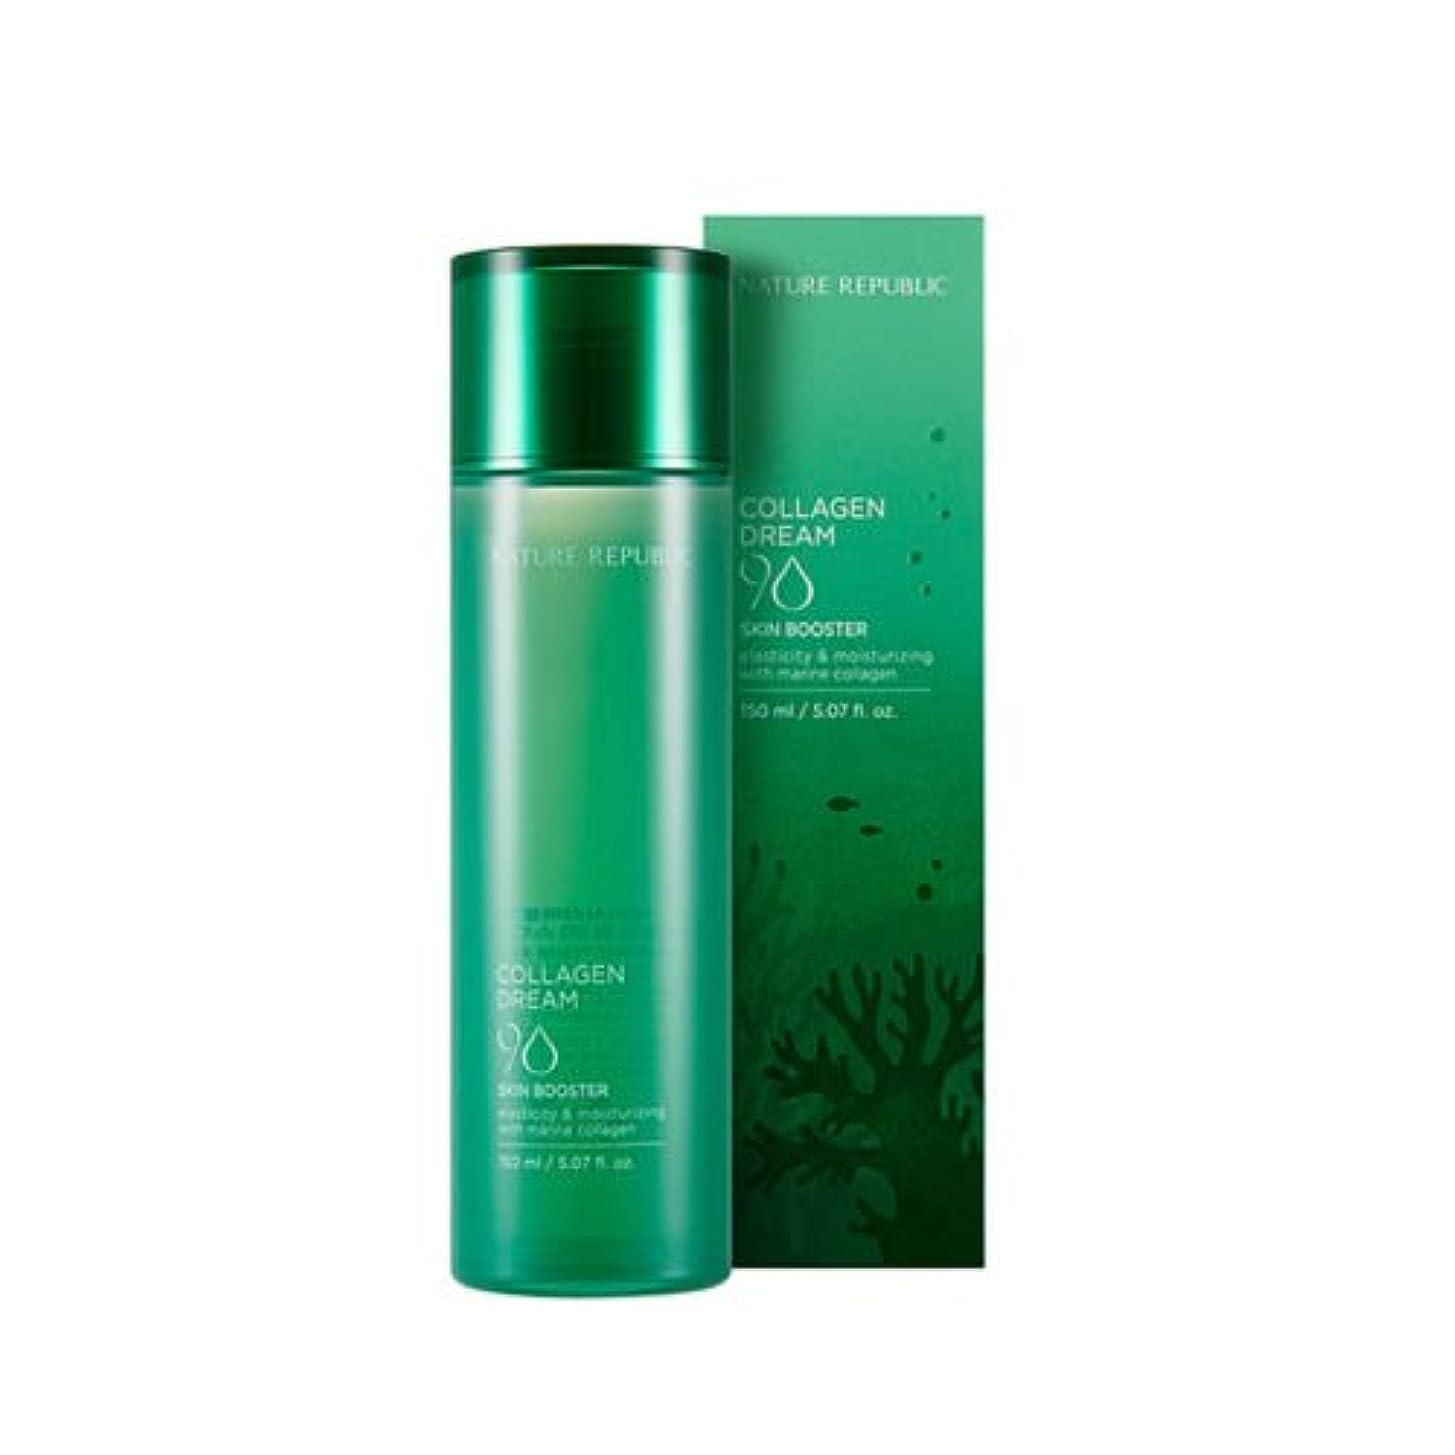 環境ジェットにおいNATURE REPUBLIC(ネイチャーリパブリック) COLLAGEN DREAM 90 Skin Booster コラーゲンドリーム90スキンブースター(化粧水)